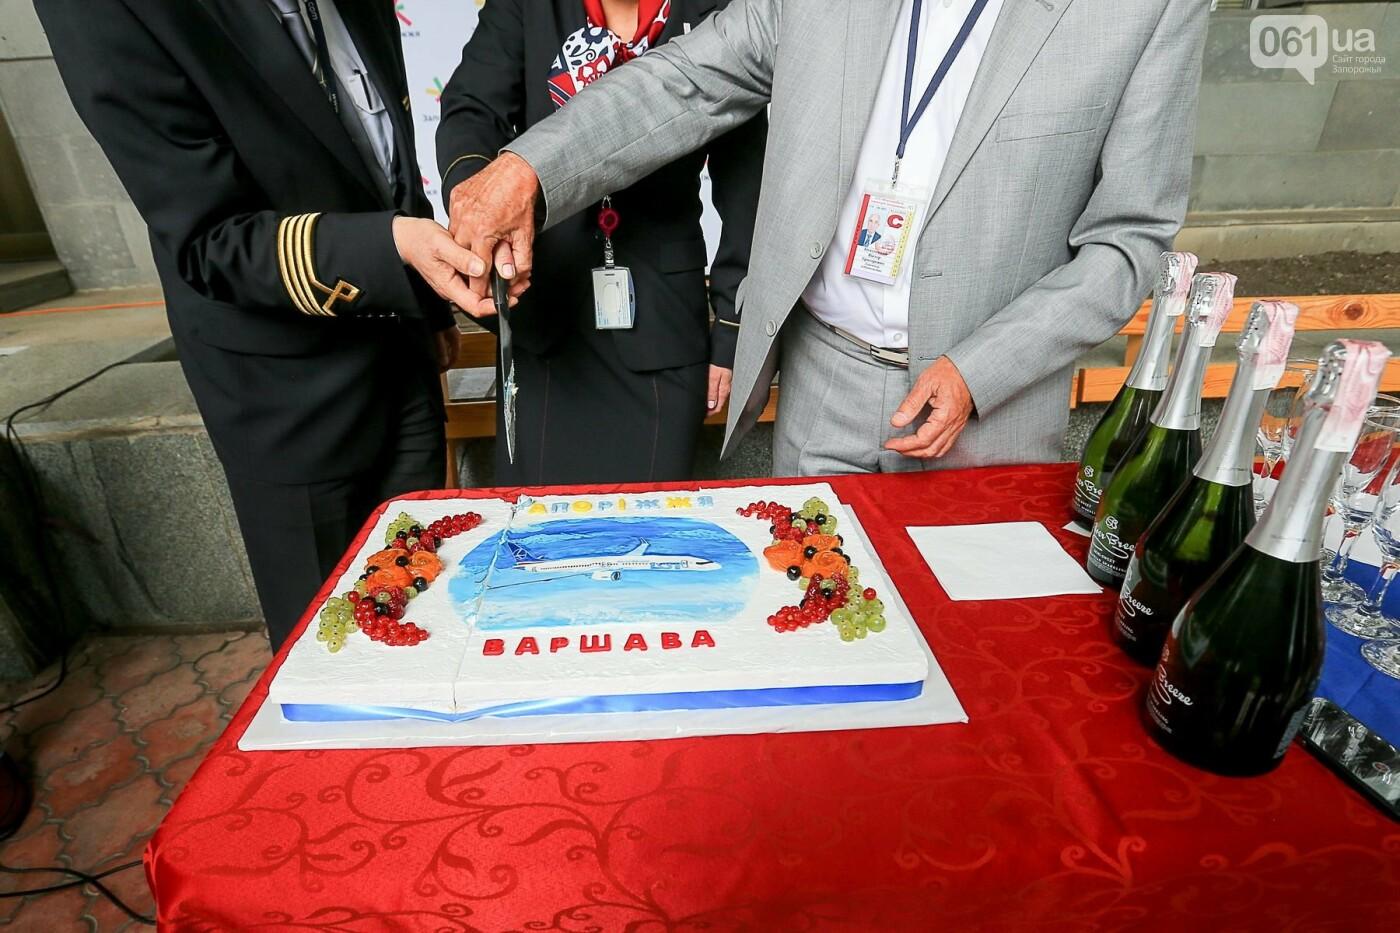 Торт, каравай и дождевая арка: открытие нового авиарейса Варшава-Запорожье в фотографиях, фото-10